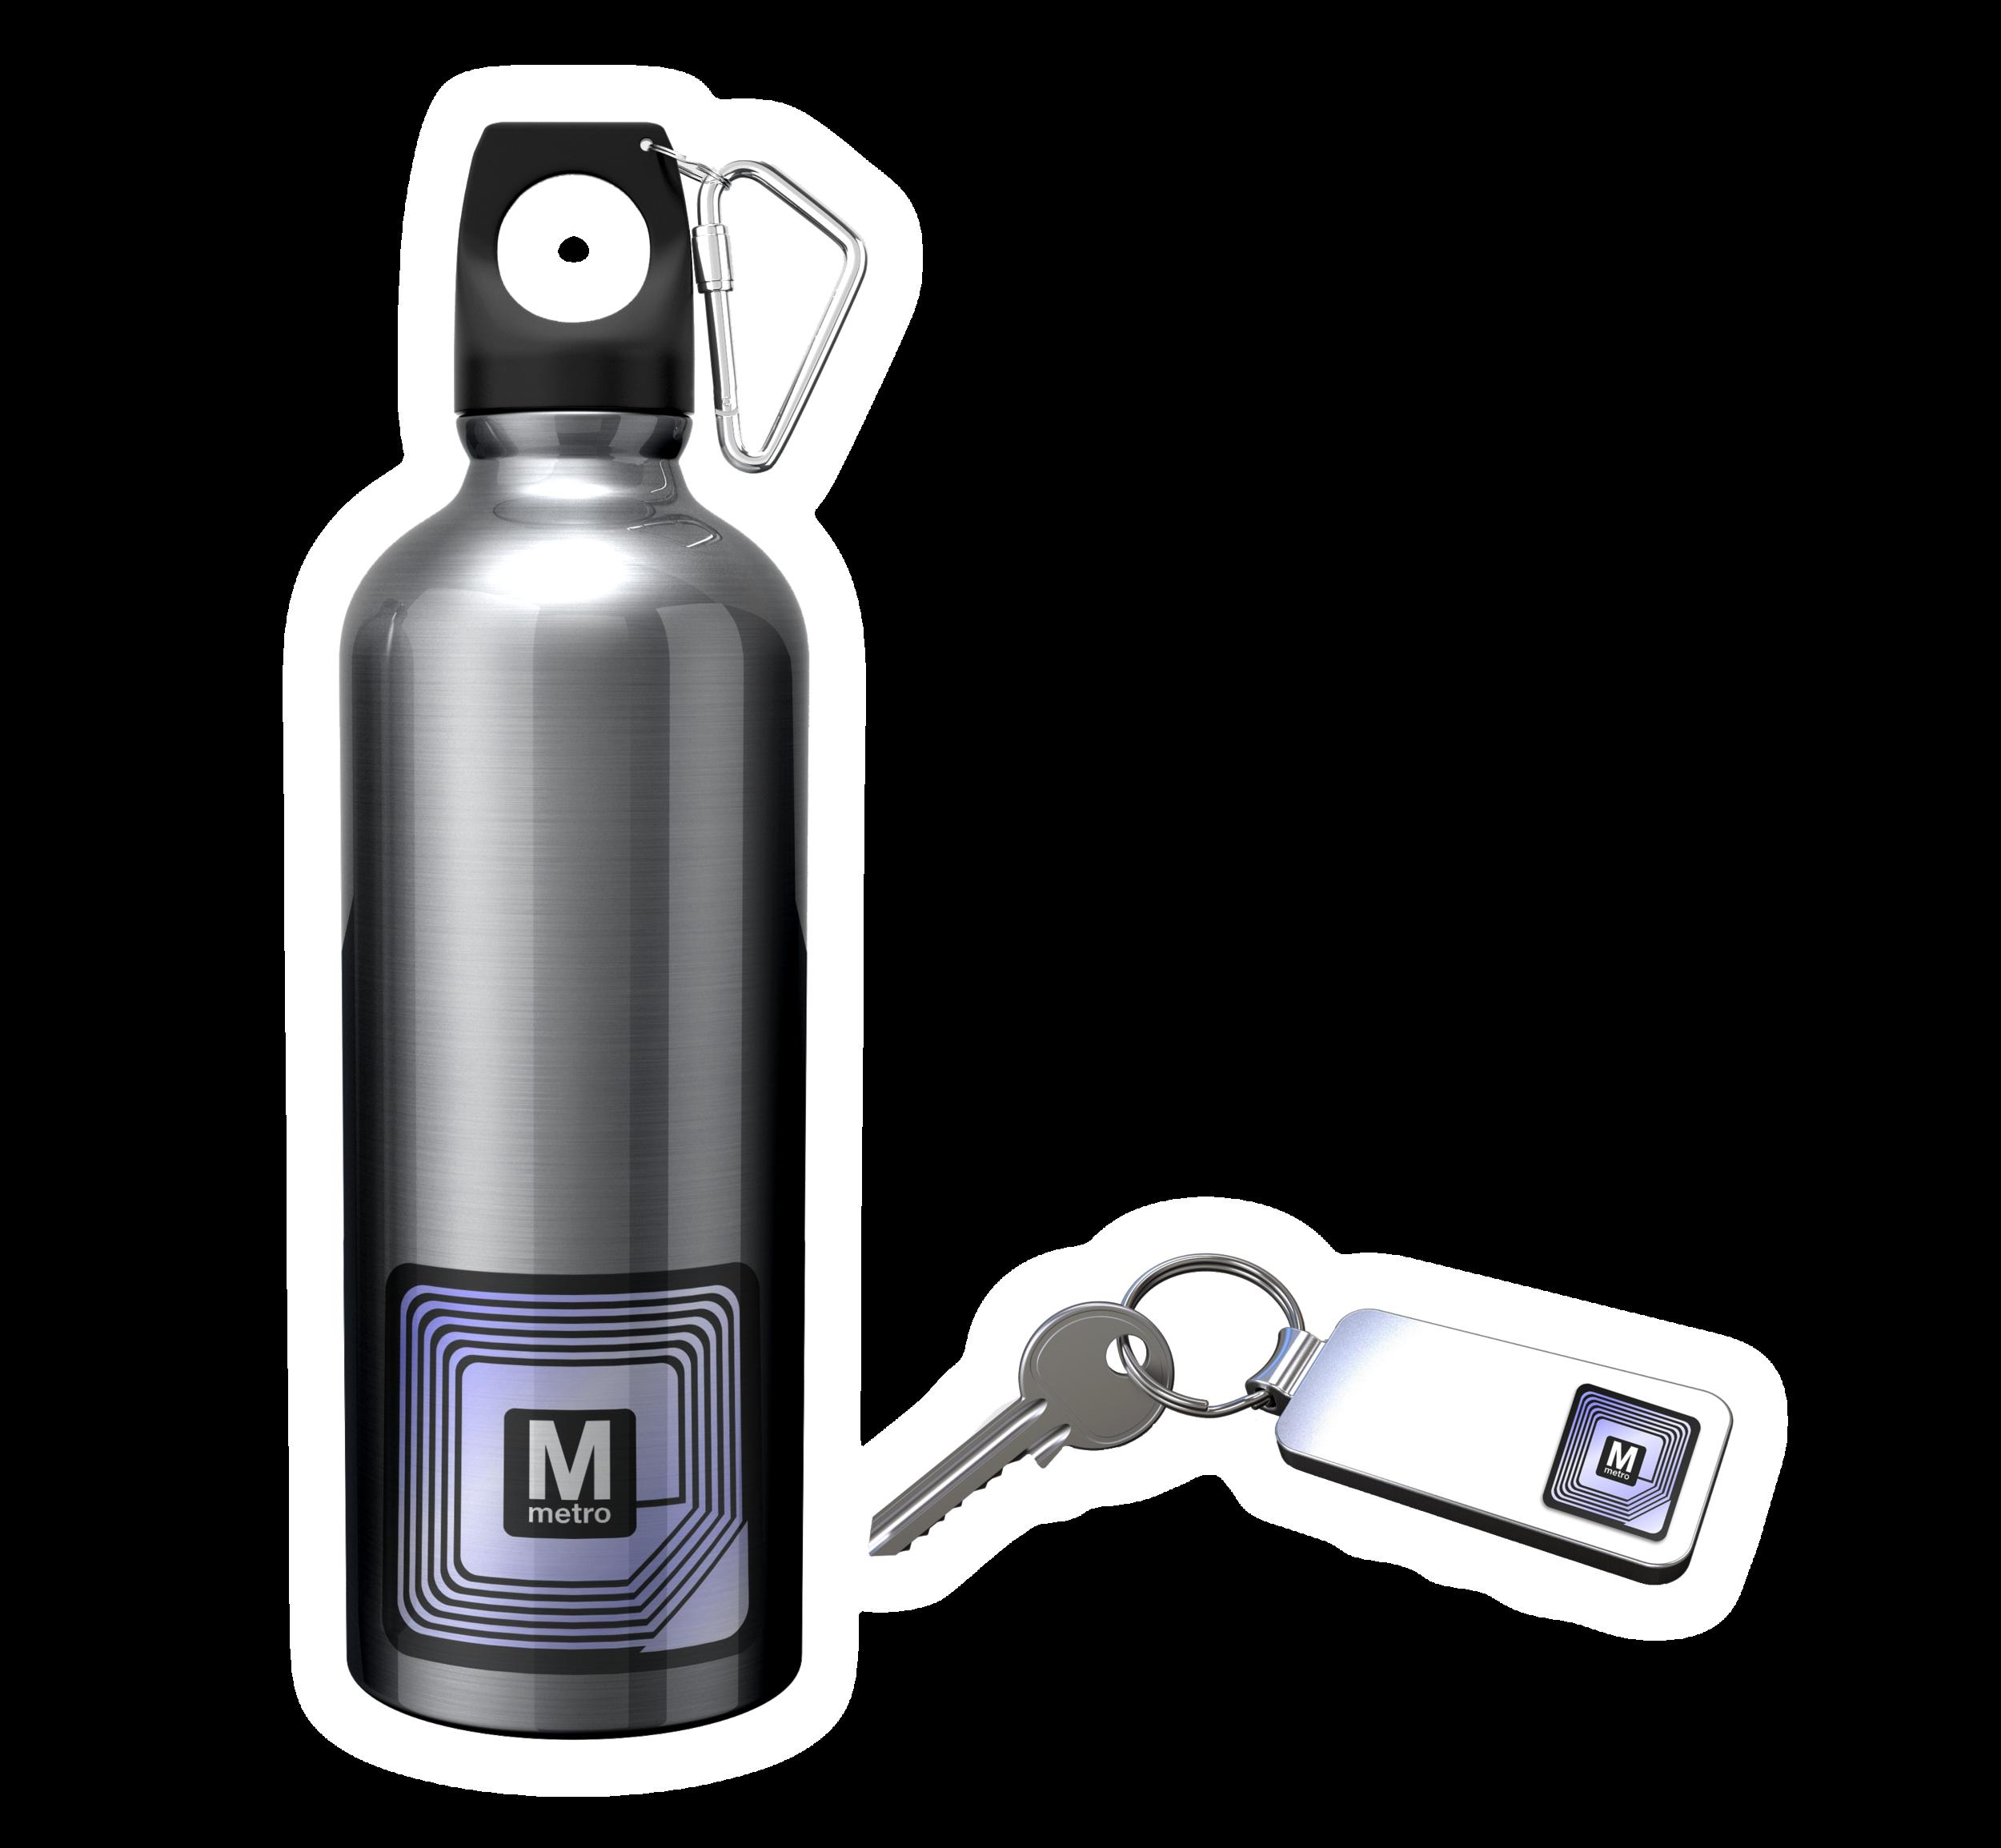 MTA_Bottle_Keys_mockup_GLOW.png